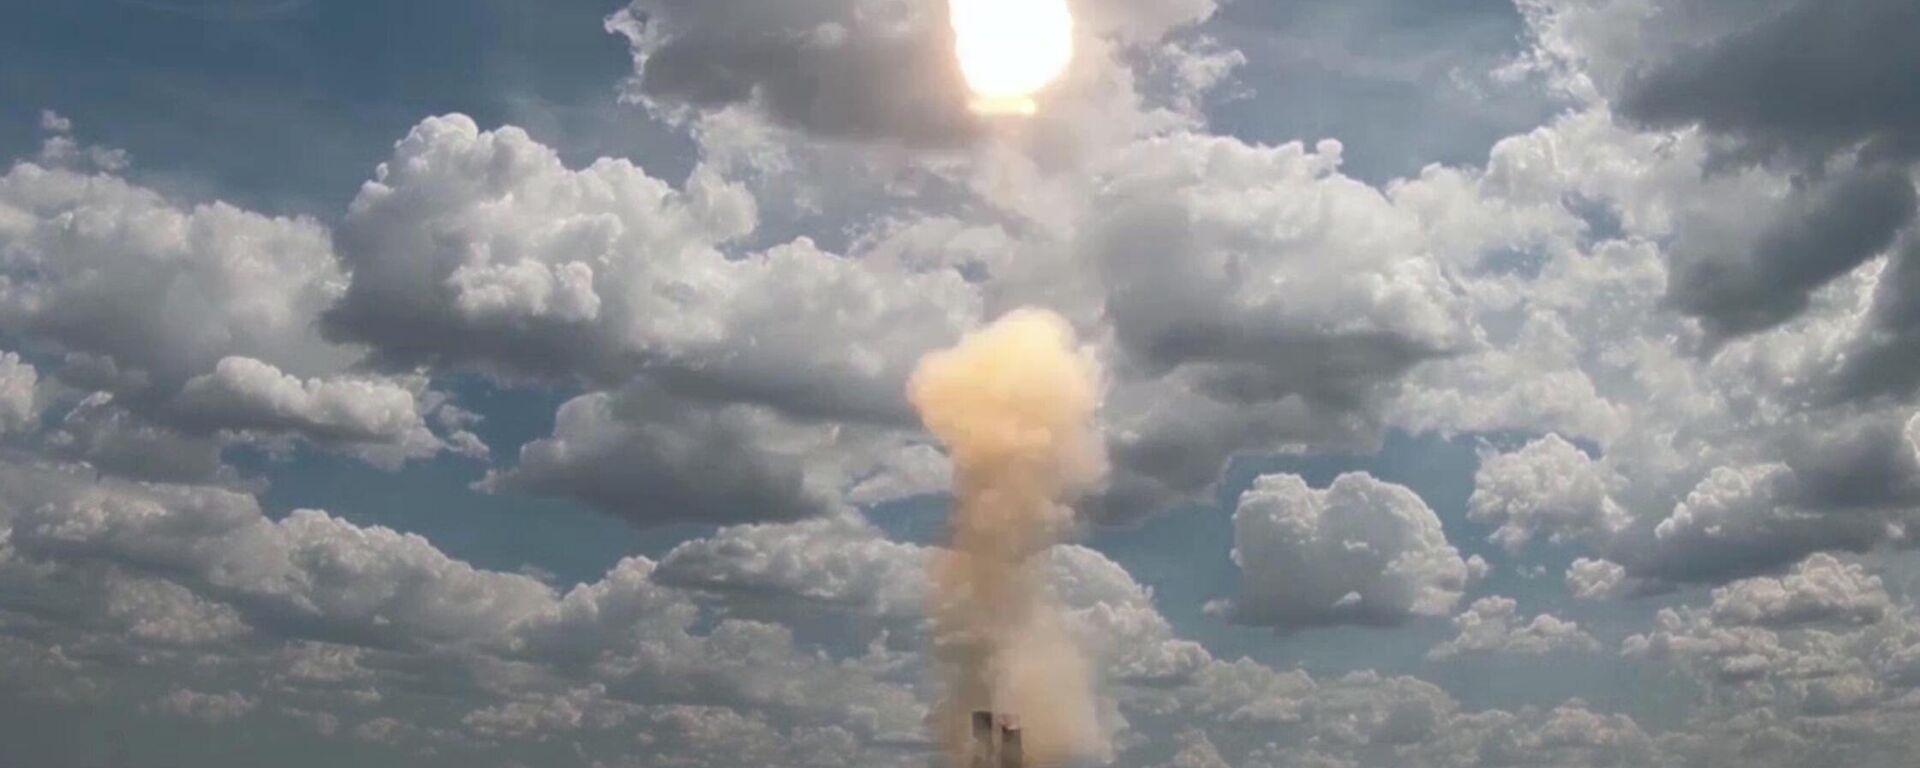 Не имеет аналогов в мире: в РФ прошли испытания ЗРС С-500 - Sputnik Latvija, 1920, 21.07.2021